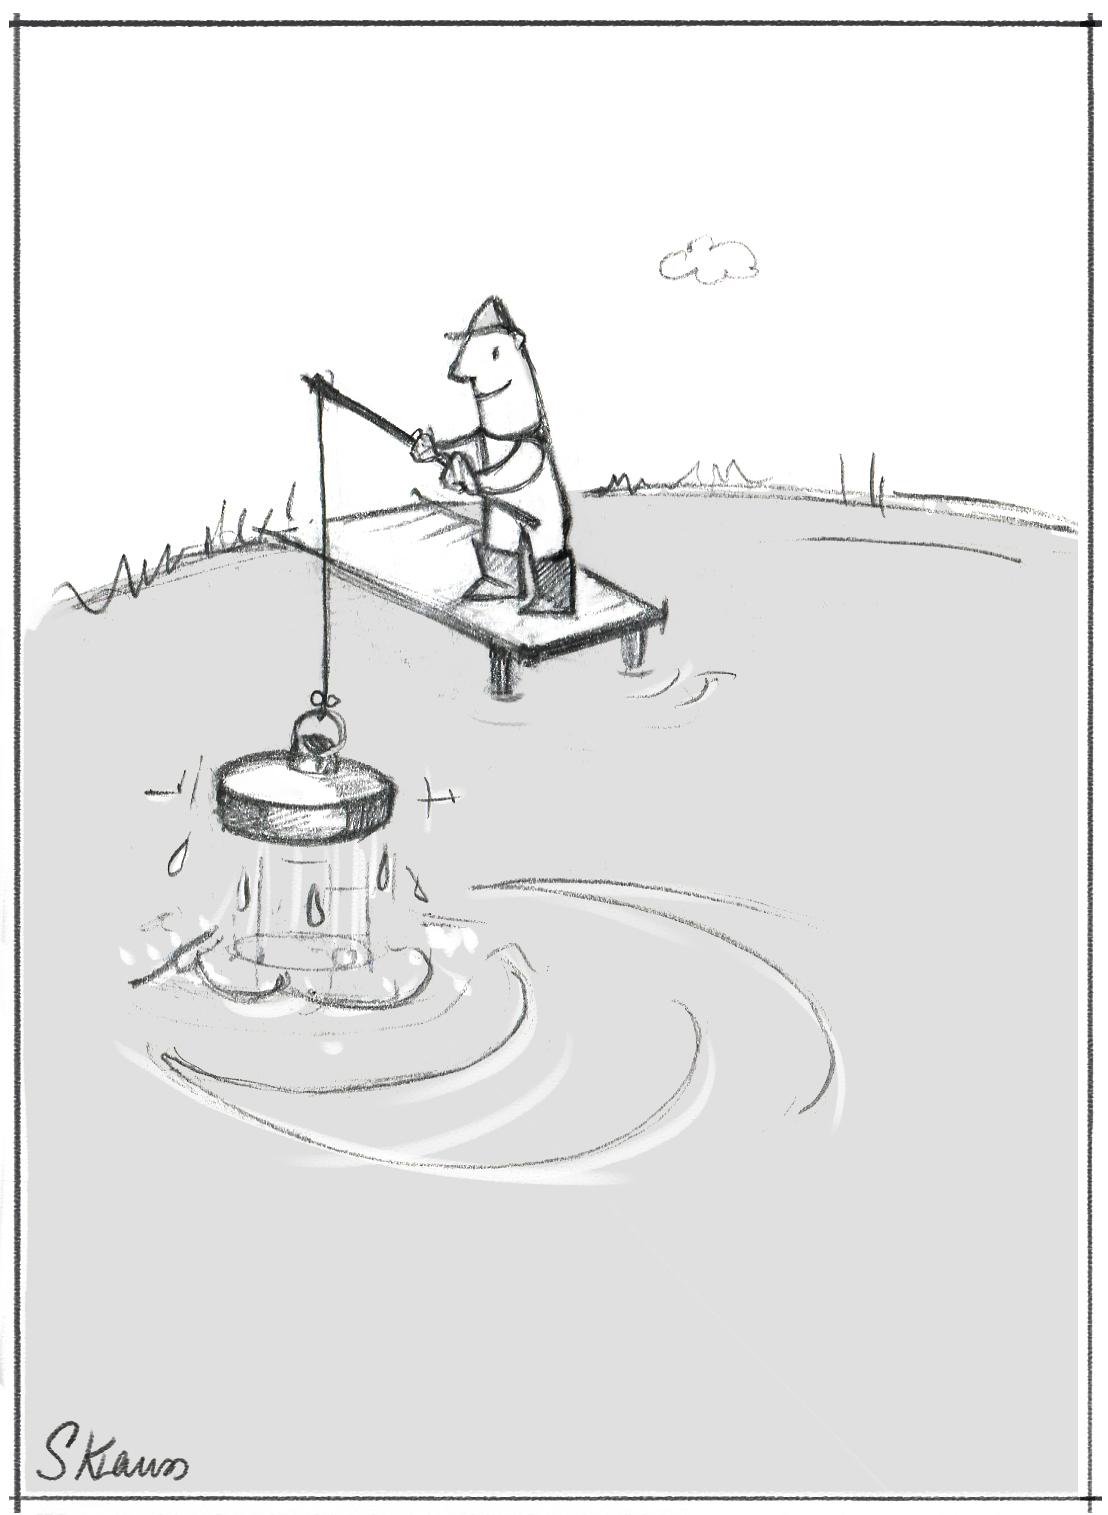 Ds Bild zeigt Angeln verkehrt, wie Personalauswahl verkehrt: Sich einen Star suchend ihn dannen seiner alten Firma unmöglich machen. Das geht gar nicht, das ist so wie ein Angler, der genganzen Teich trocken legt um einen einzigen dicken Fisch zu fangen.